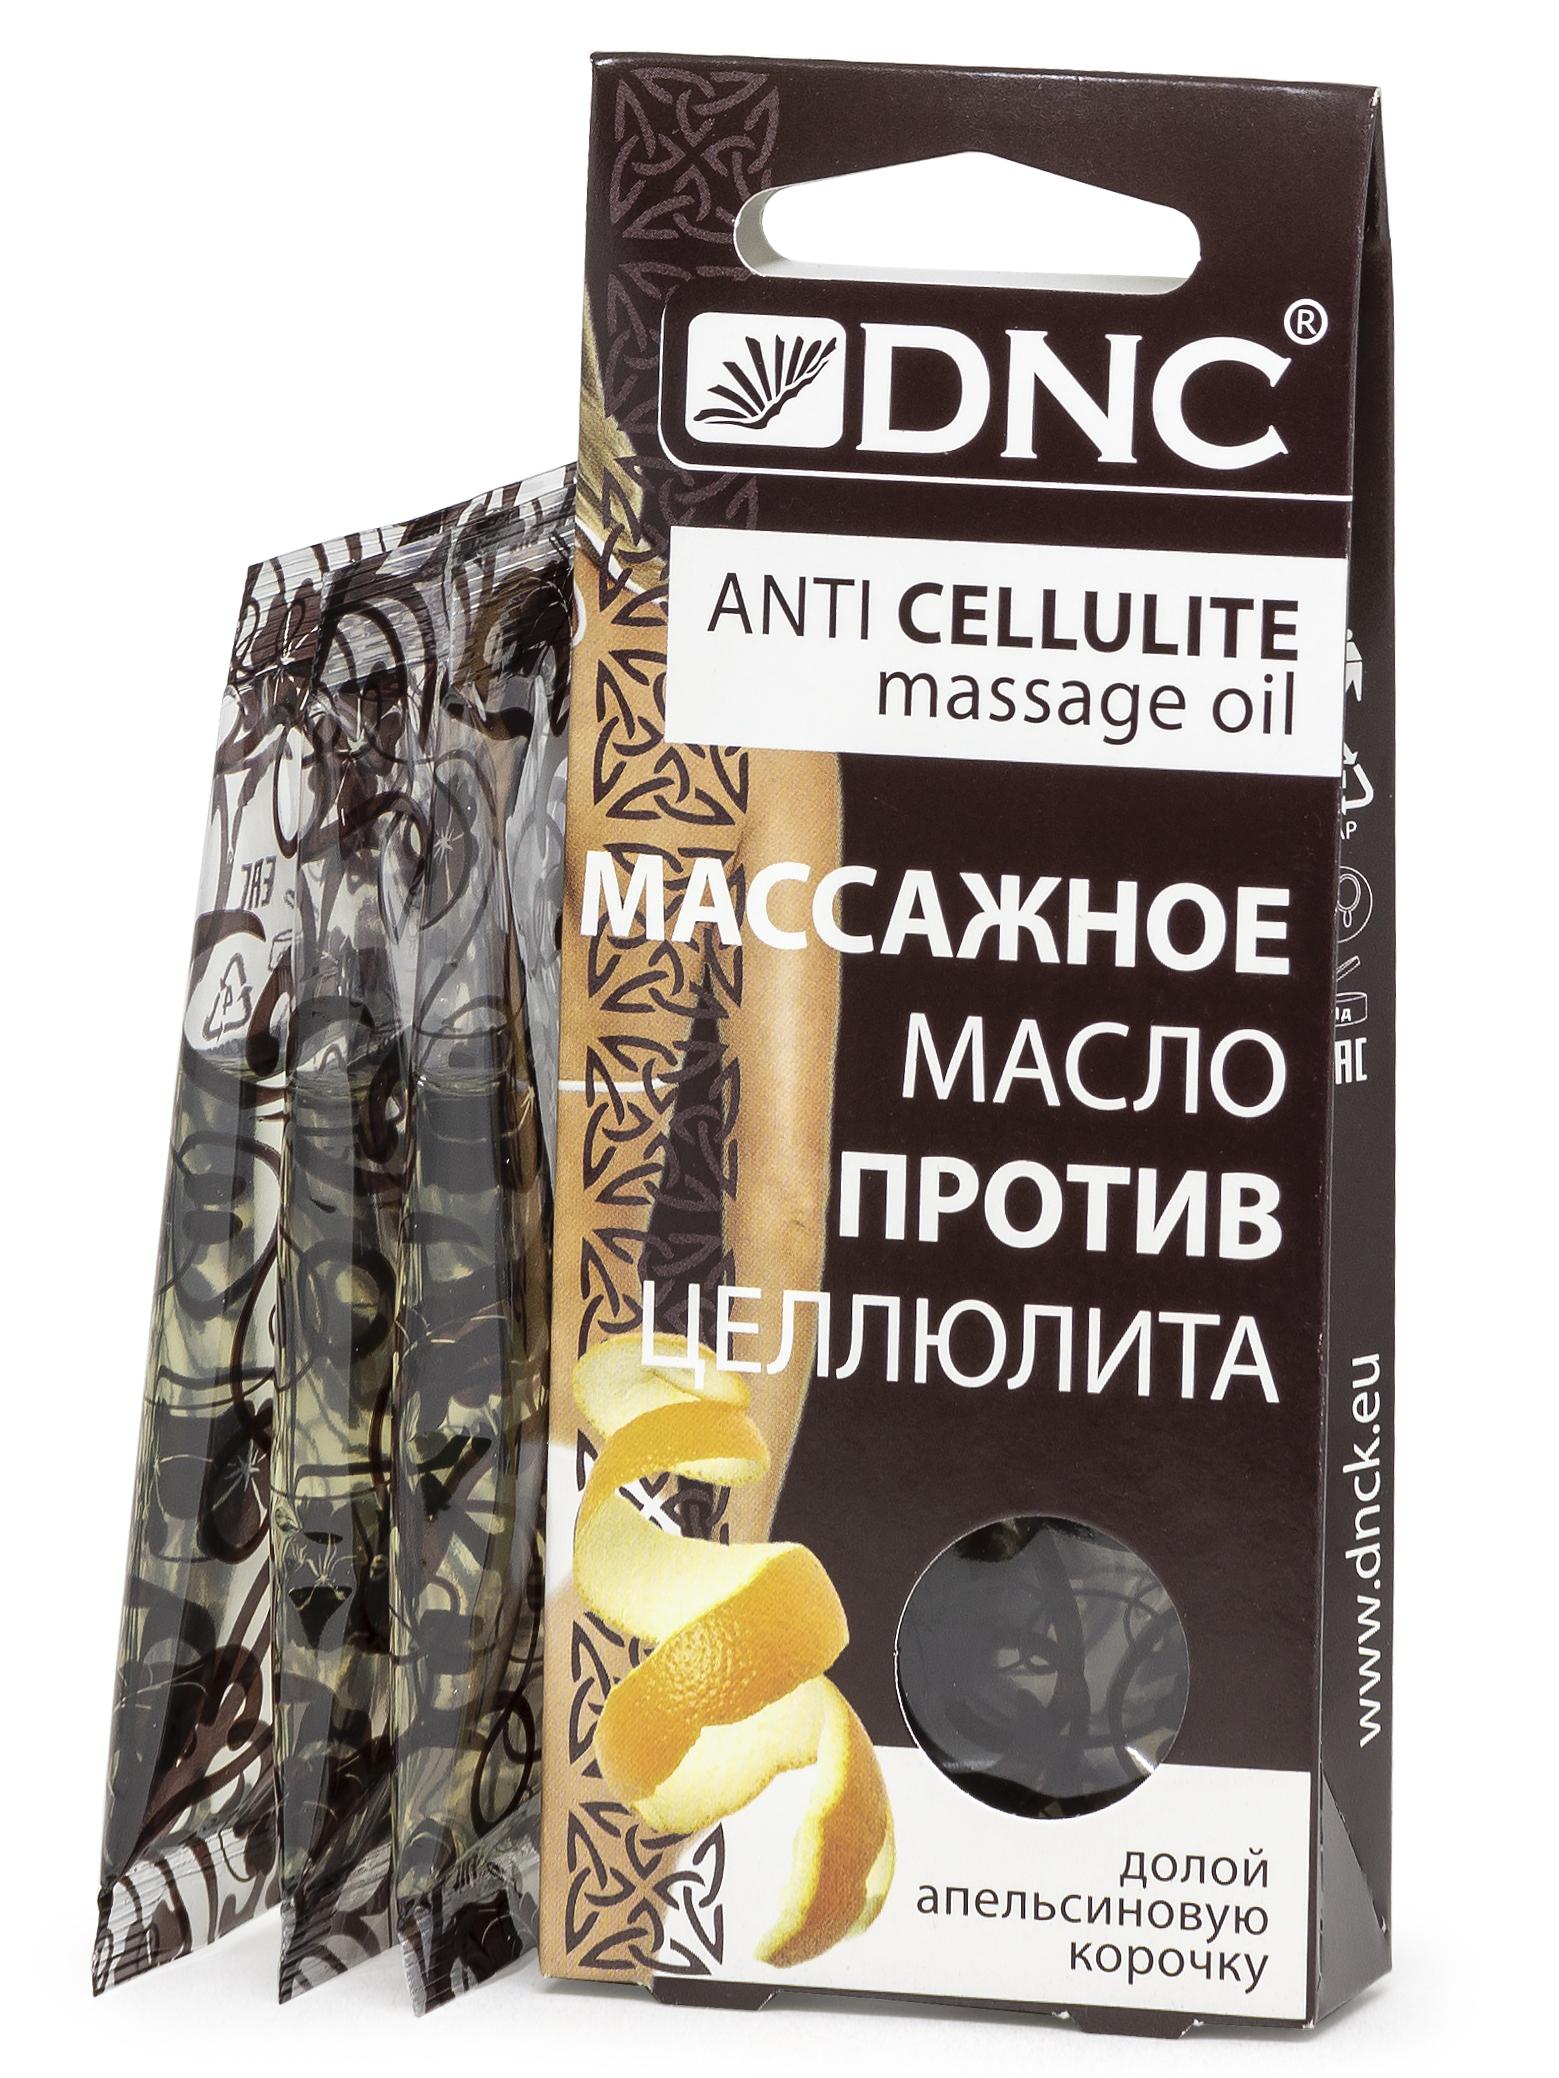 DNC Kosmetika Против целлюлита масло Массажное, 3х15 мл (DNC Kosmetika, Уход за телом) dnc kosmetika твердый воск для волос 15 мл dnc kosmetika уход за волосами